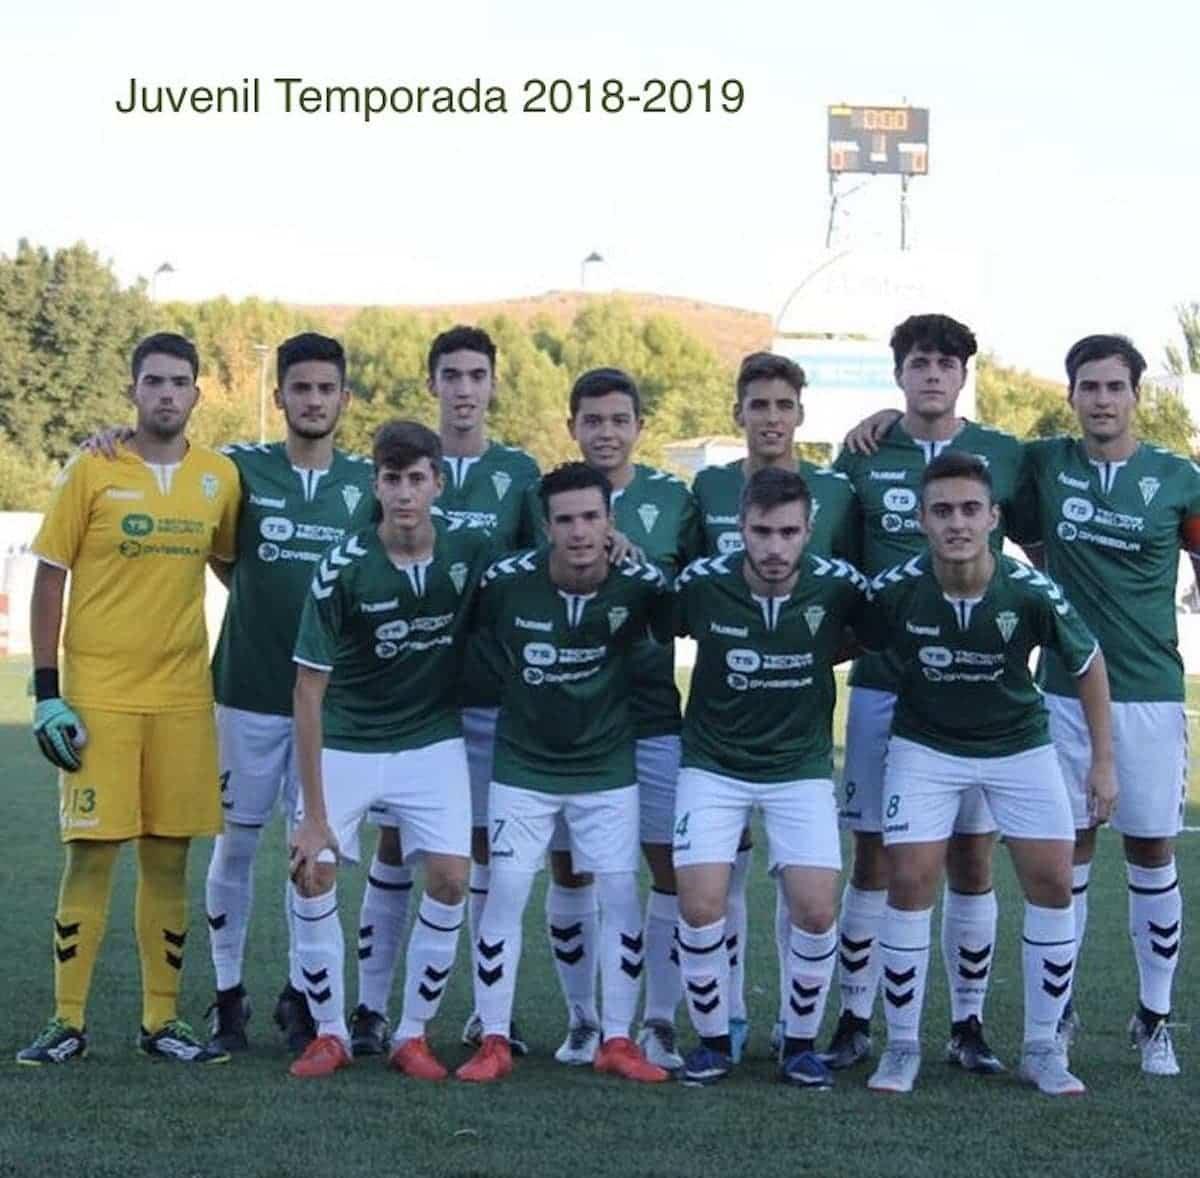 herencia futbol temporada 2018 2019 1 - Un paseo por el tiempo del Herencia Club de Fútbol